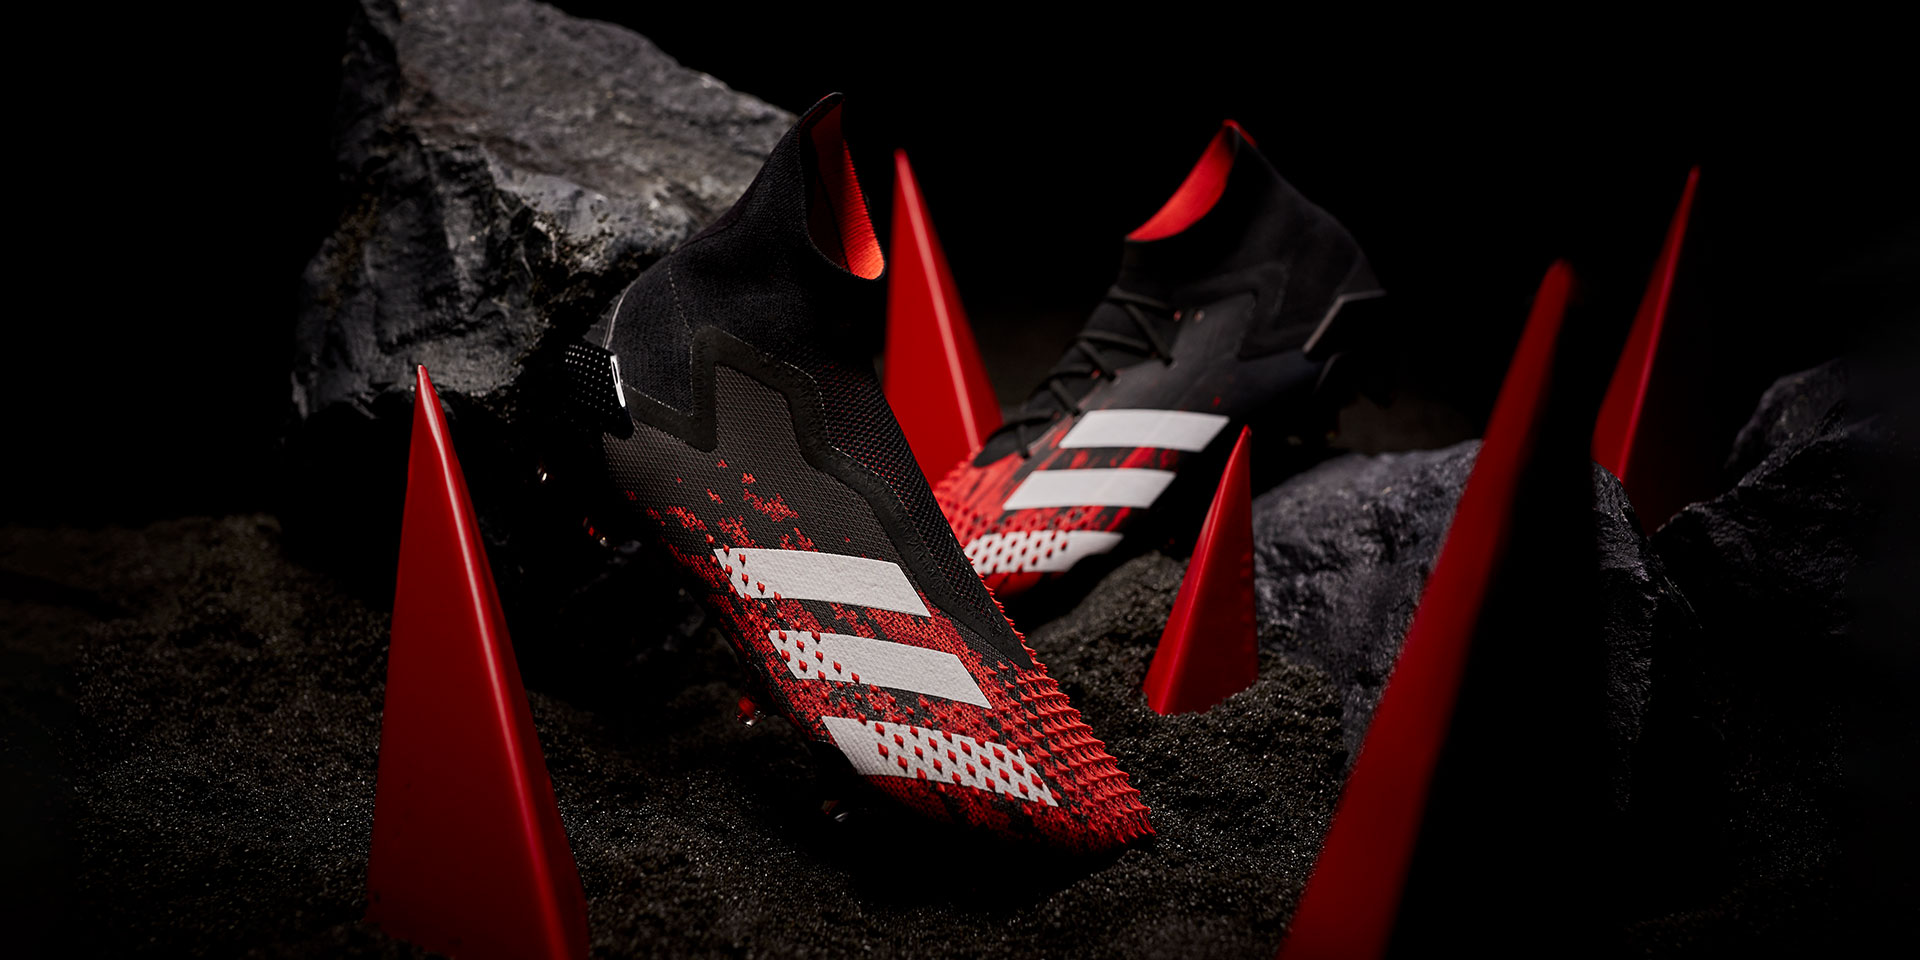 Adidas Predator 19+